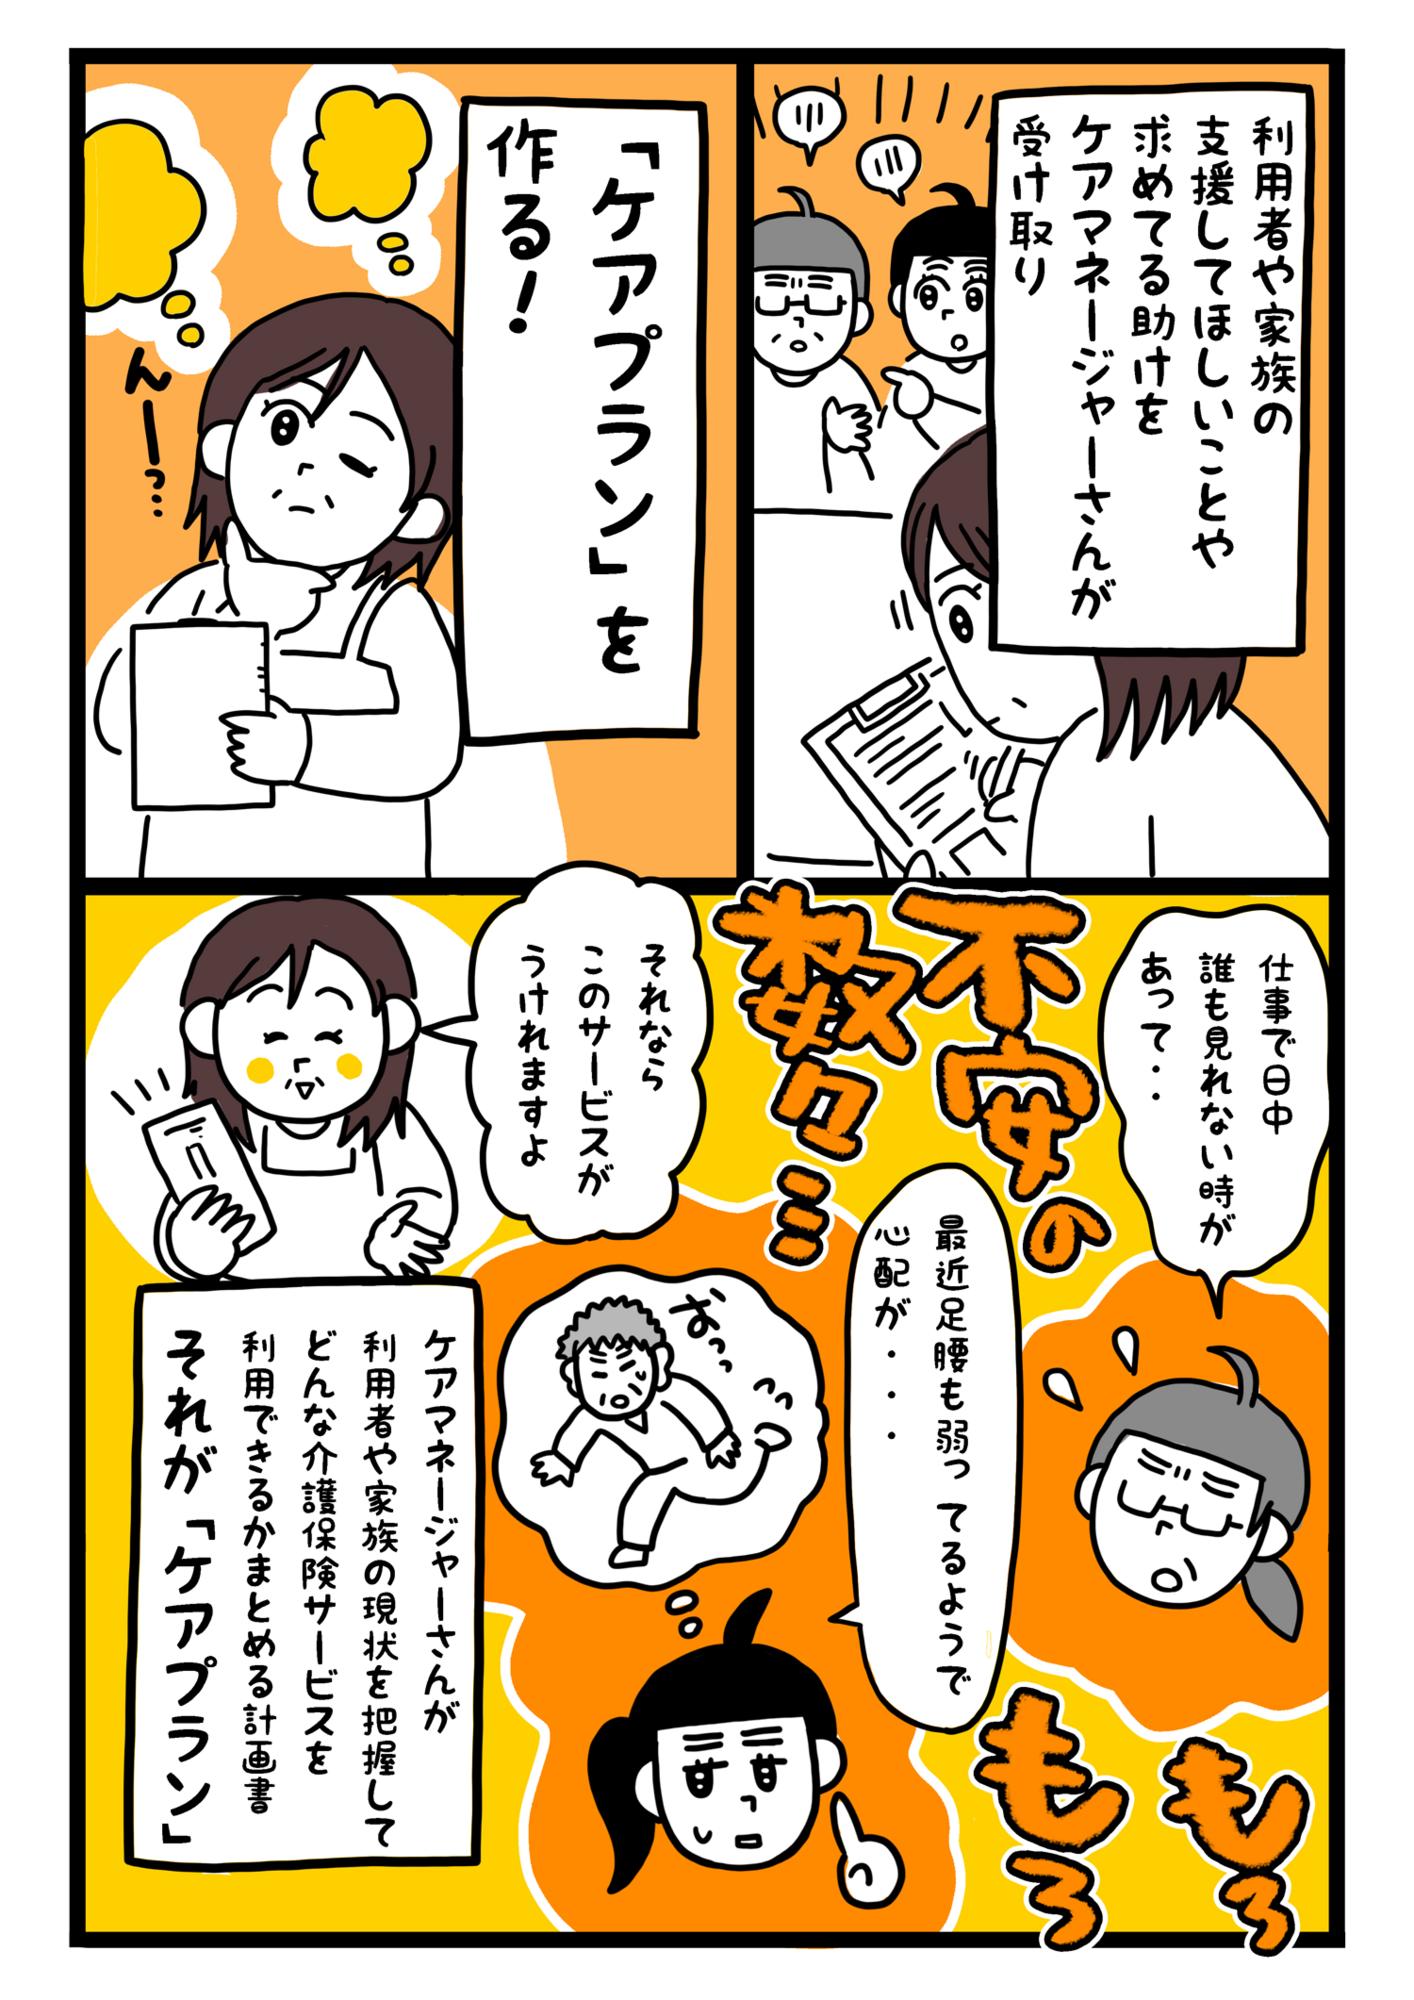 f:id:kakijiro:20180309070913p:plain